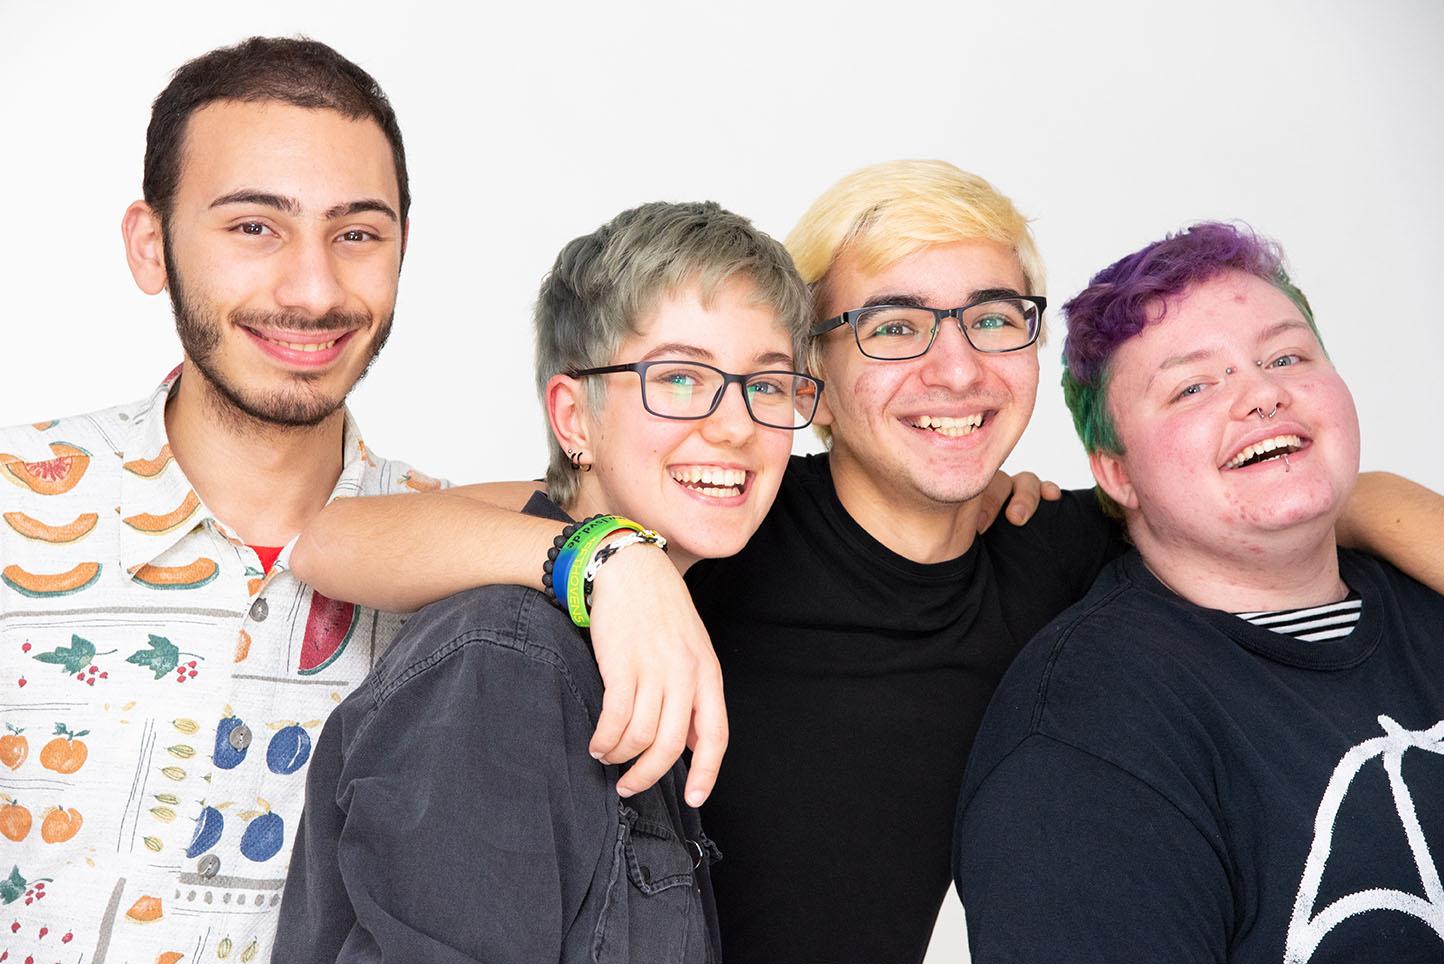 Das Bild zeigt vier Personen die die Arme um einander legen eine Person hat grün-lila gefärbte Haare.